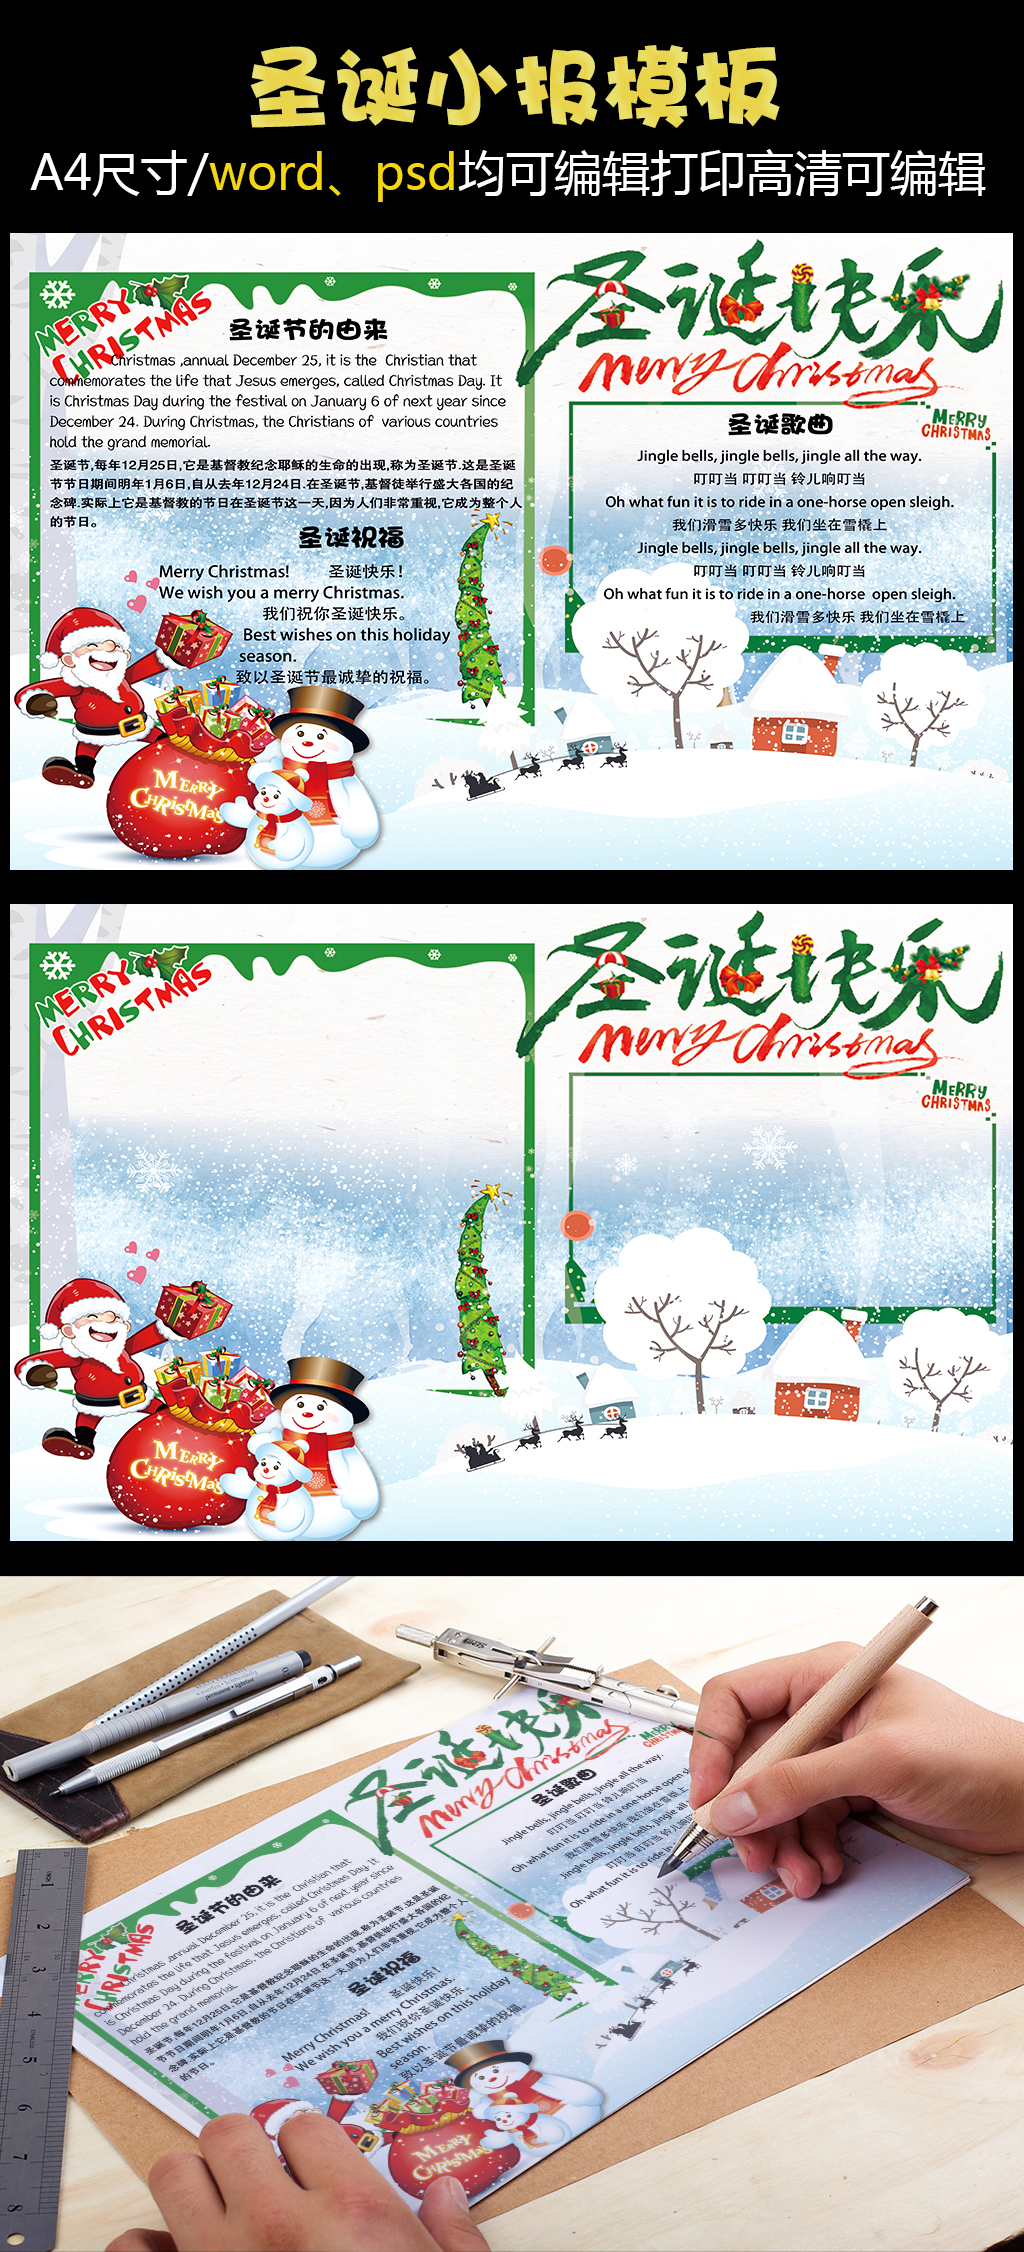 可爱手绘学生圣诞节手抄报小报模板